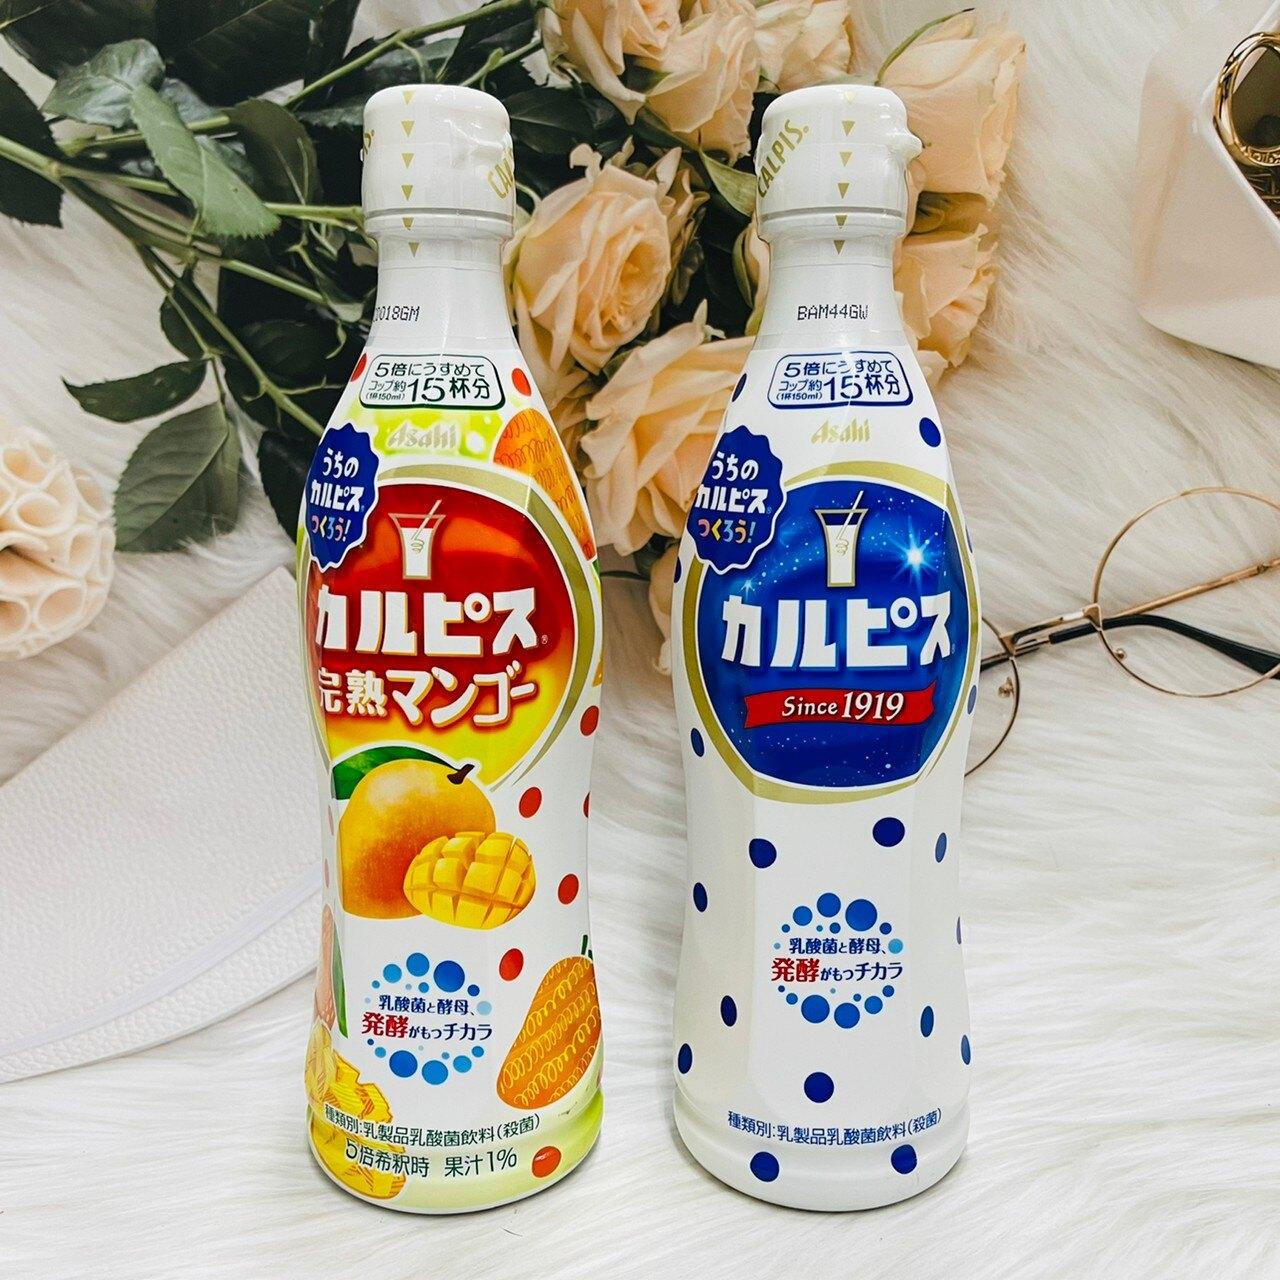 日本 Asahi 朝日 可爾必思乳酸飲料/可爾必思芒果風味乳酸飲料(須稀釋) 470ml 濃縮乳酸飲料 濃縮可爾必思